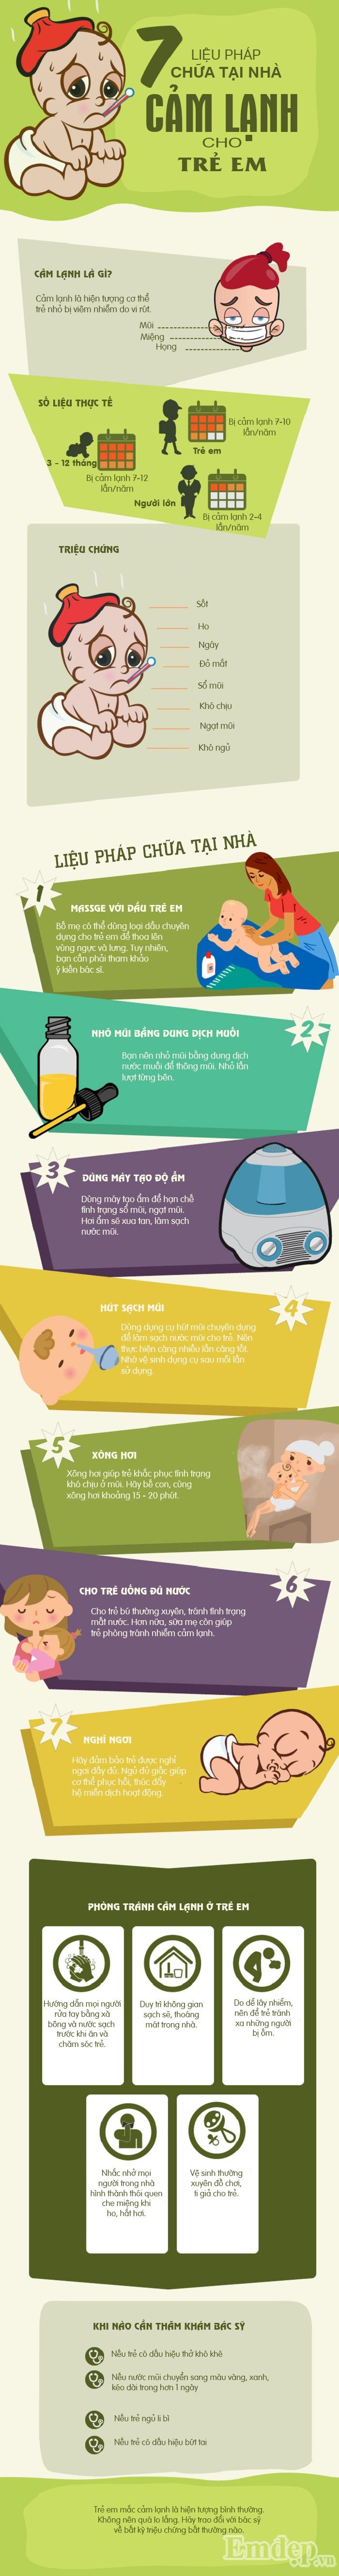 Những cách trị cảm lạnh cho con chưa vội nghĩ đến kháng sinh, phụ huynh phải biết